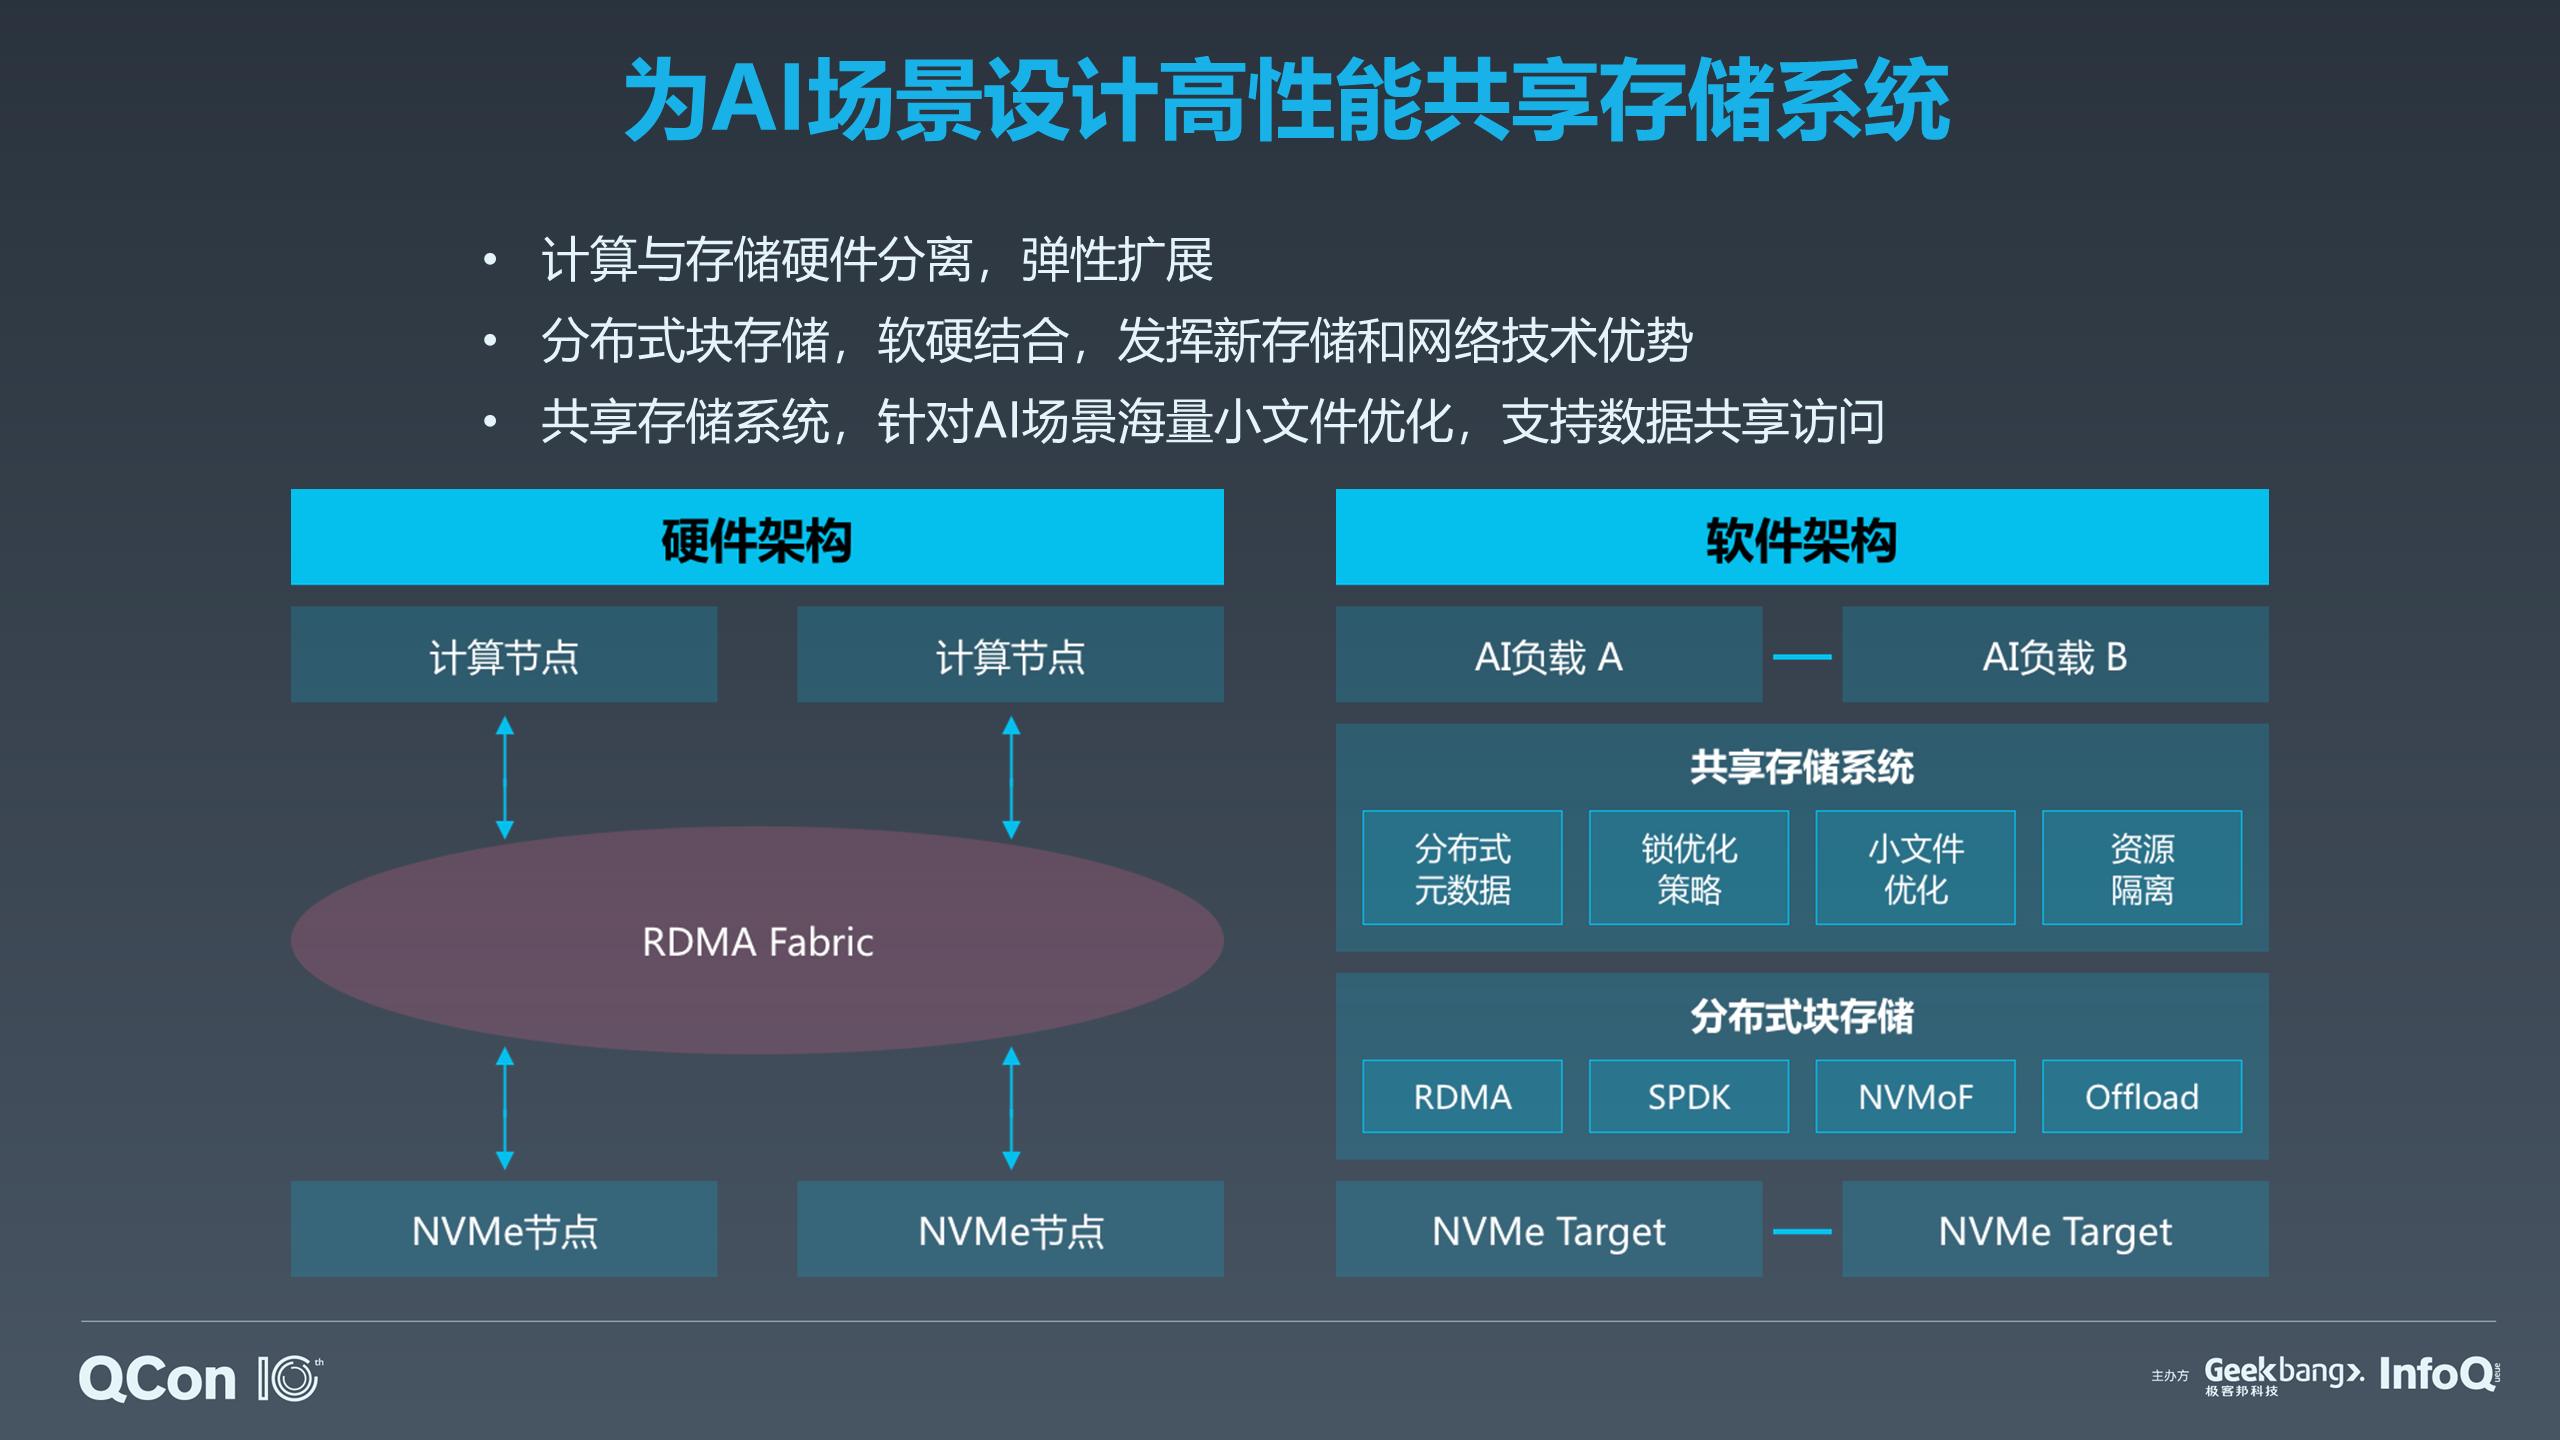 百度副总裁侯震宇:面向AI的基础架构建设